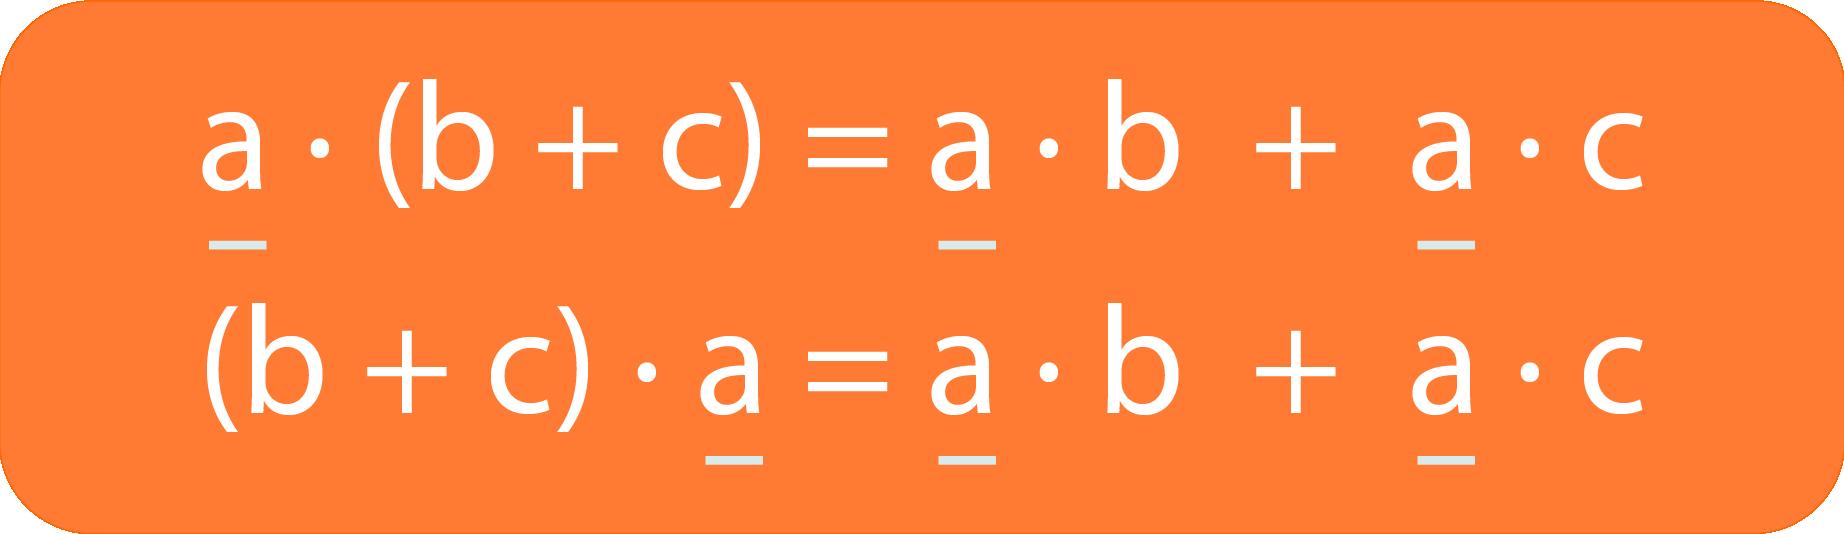 произведения a и b и произведения a и c